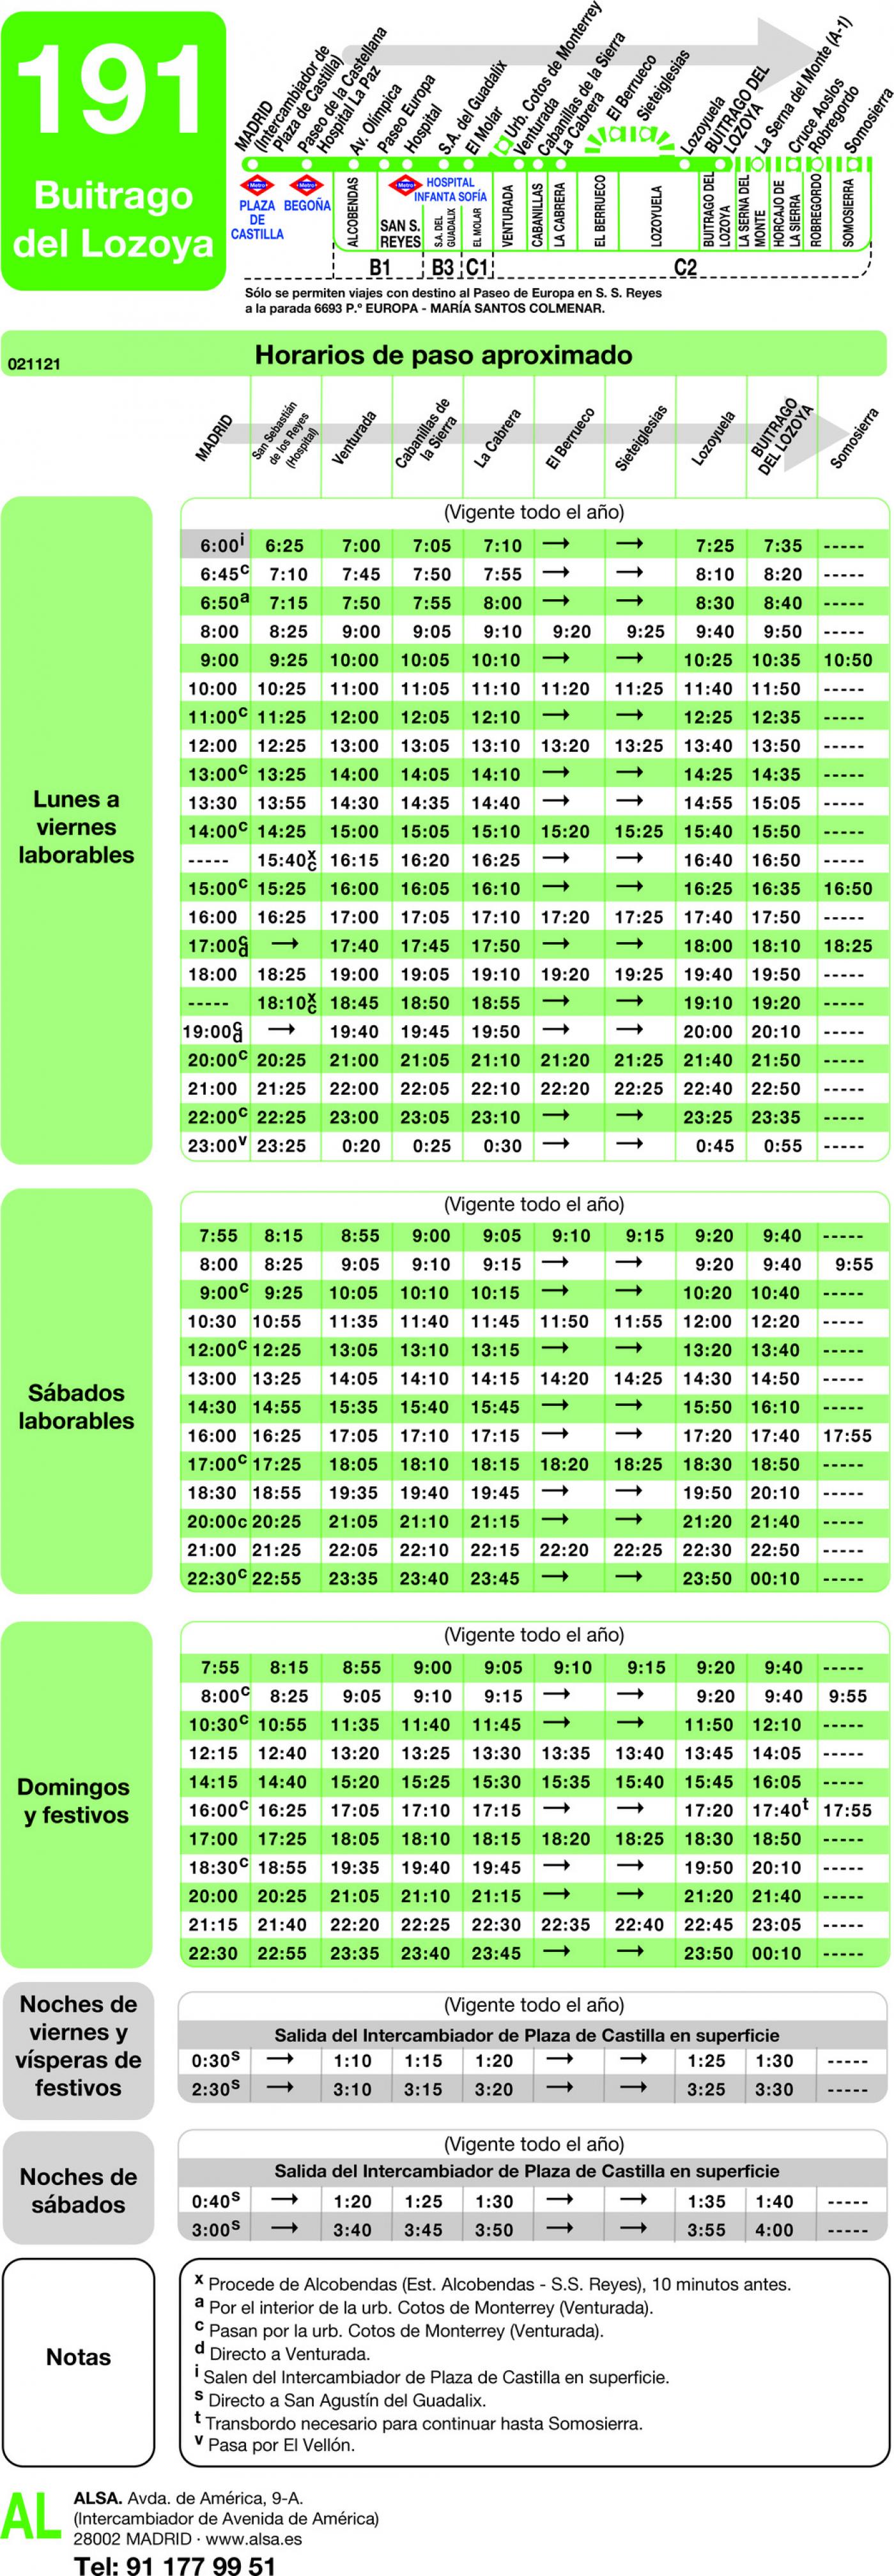 Tabla de horarios y frecuencias de paso en sentido ida Línea 191: Madrid (Plaza Castilla) - Buitrago